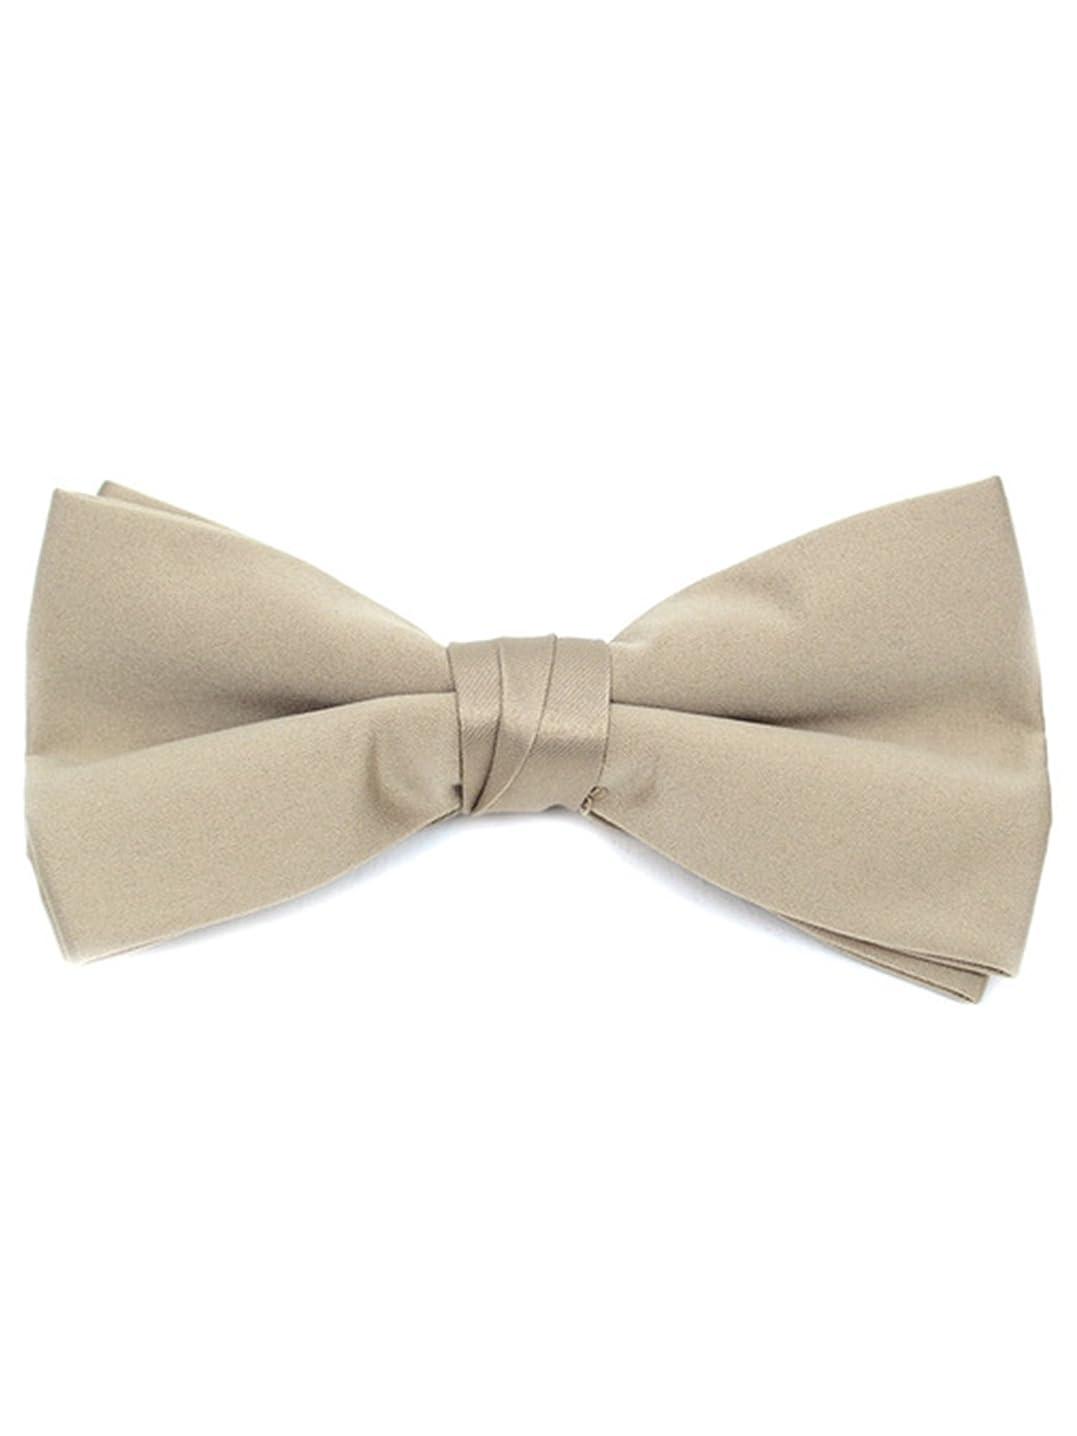 Young Boy's Pre-tied Clip On Bow Tie - Formal Tuxedo Solid Color